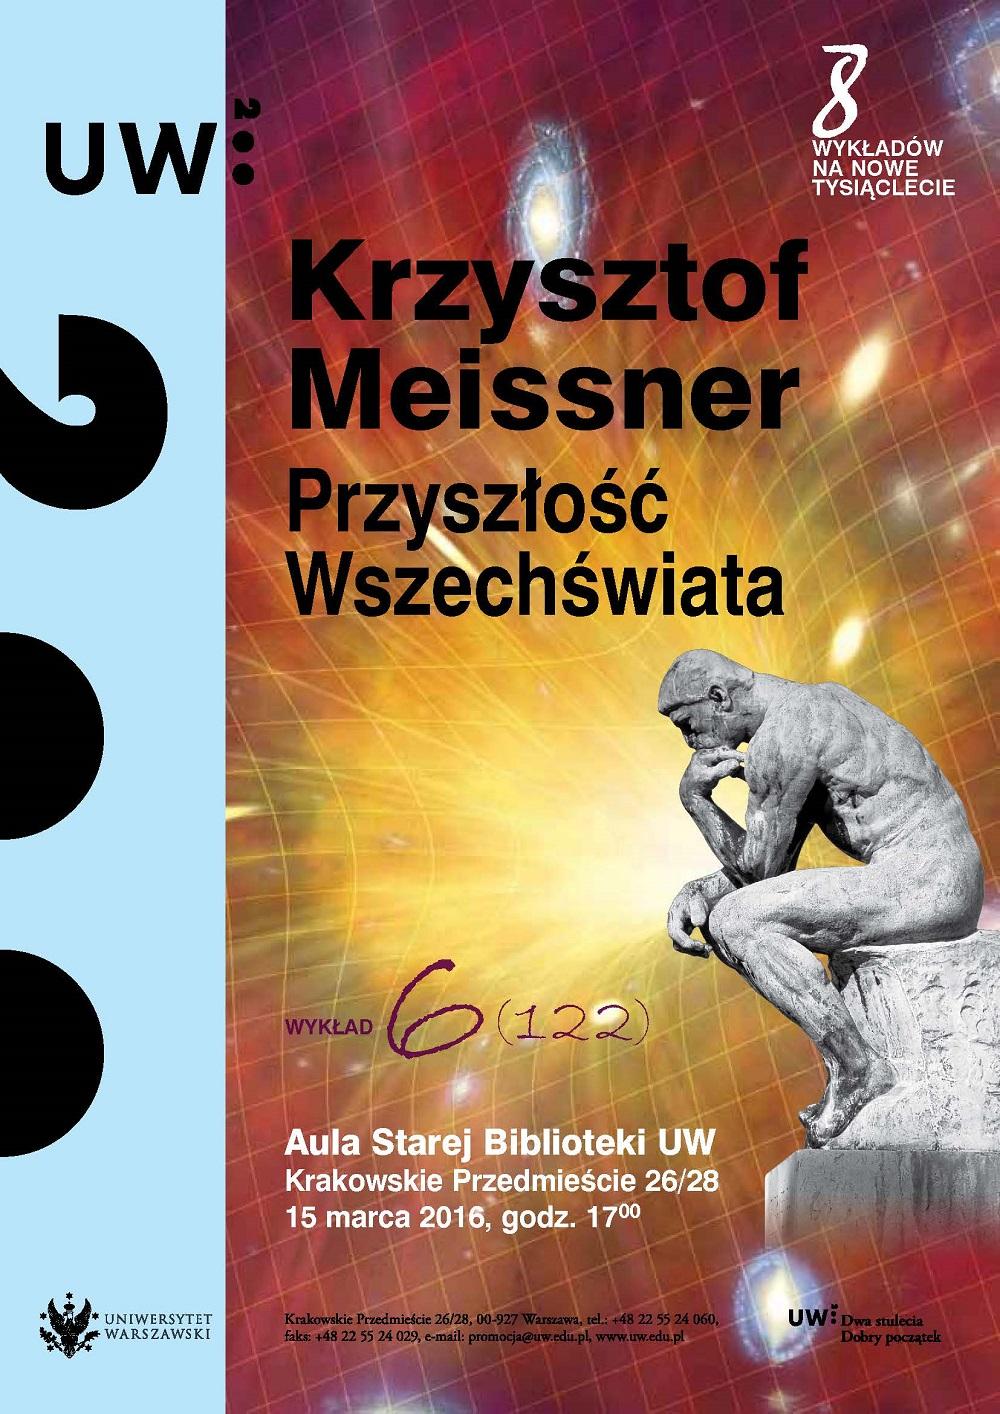 8 Wykładów na Nowe Tysiąclecie – prof. Krzysztof Meissner